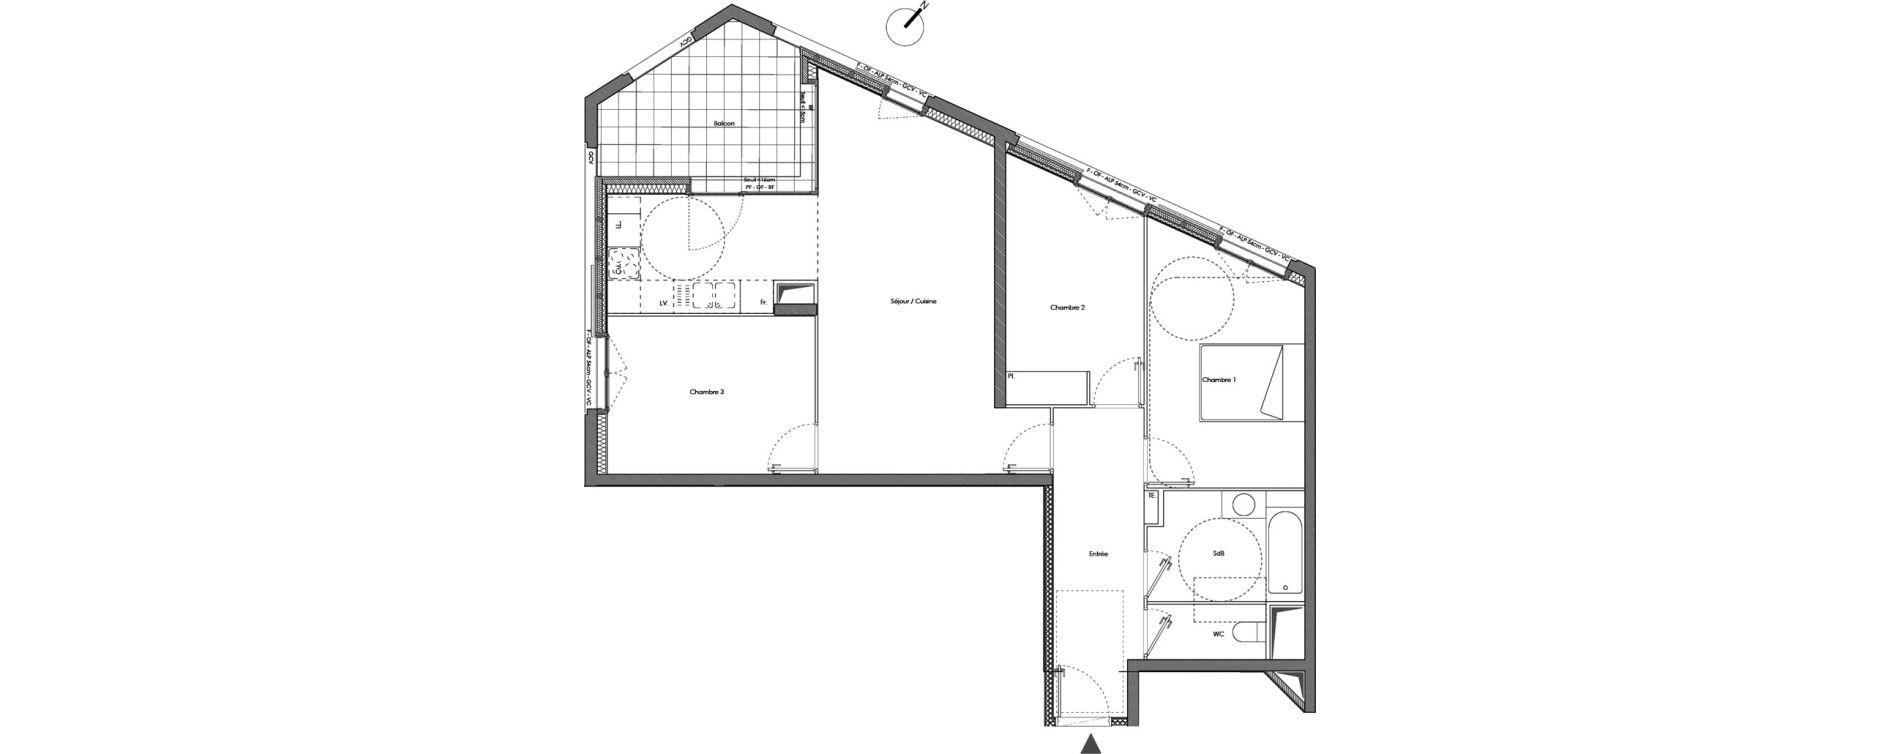 Appartement T4 de 79,30 m2 à Annemasse Annemasse gare